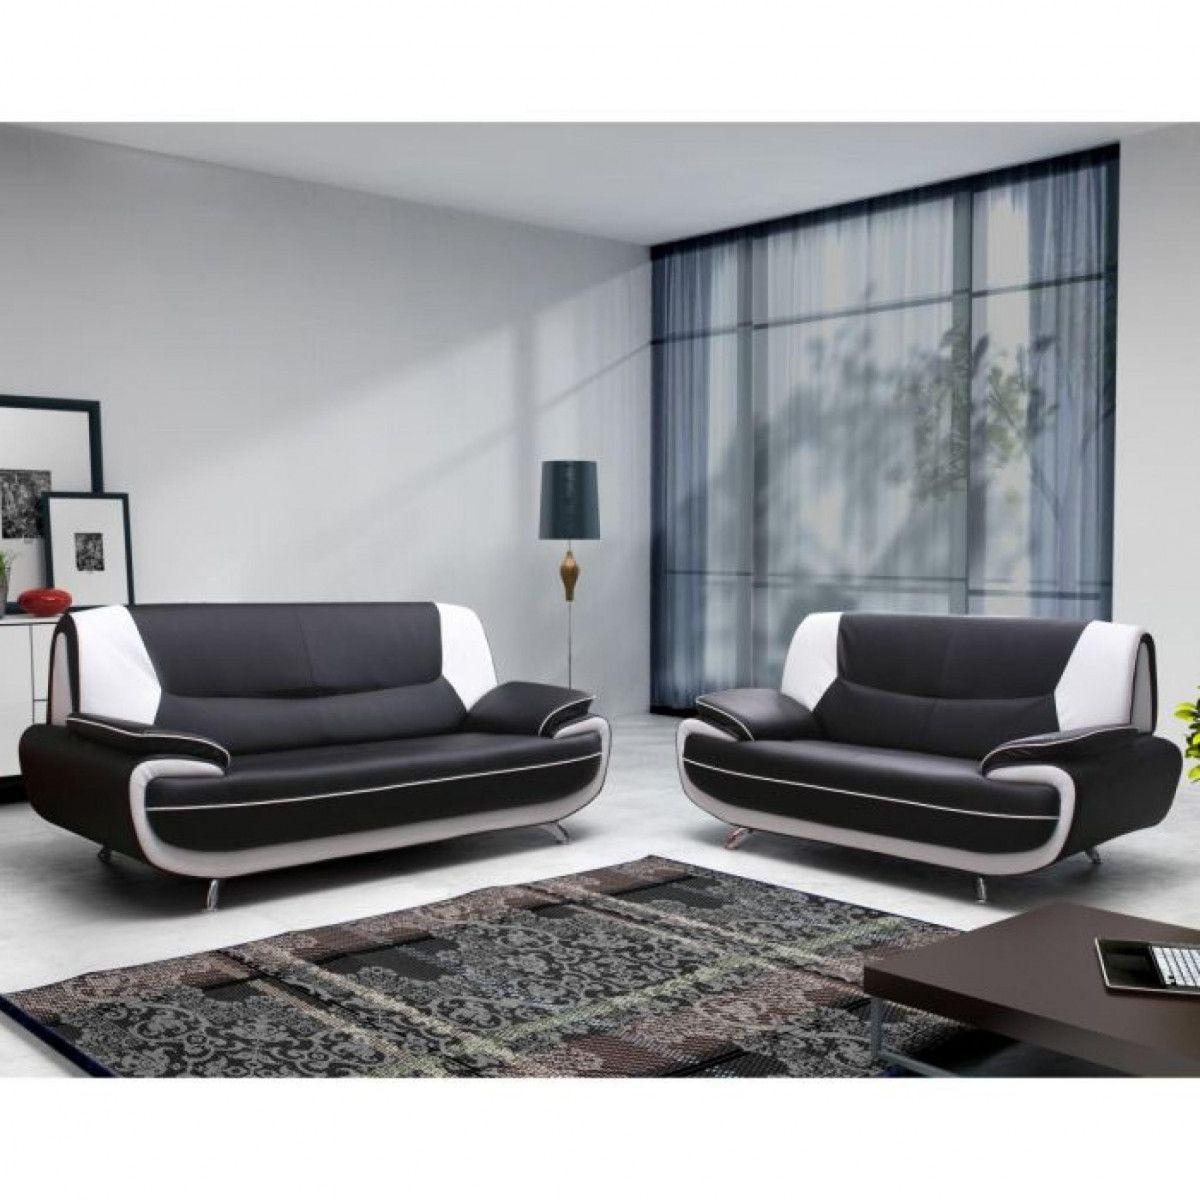 Canapé 2 places design en simili cuir noir et blanc design